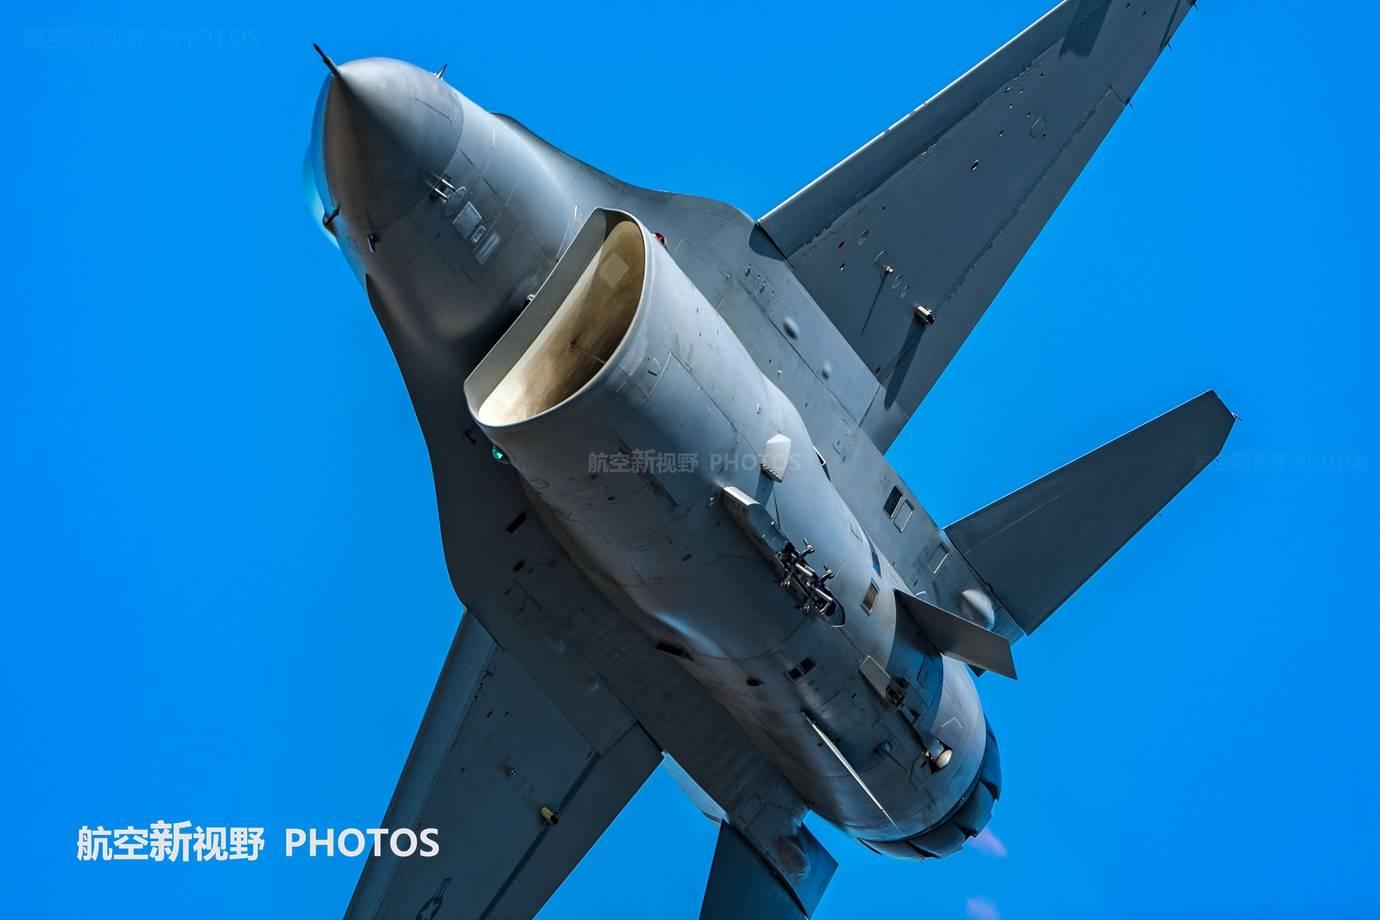 原配F-16战斗机经久耐用,几个关键数据都算进去了。三代机销售冠军不可复制